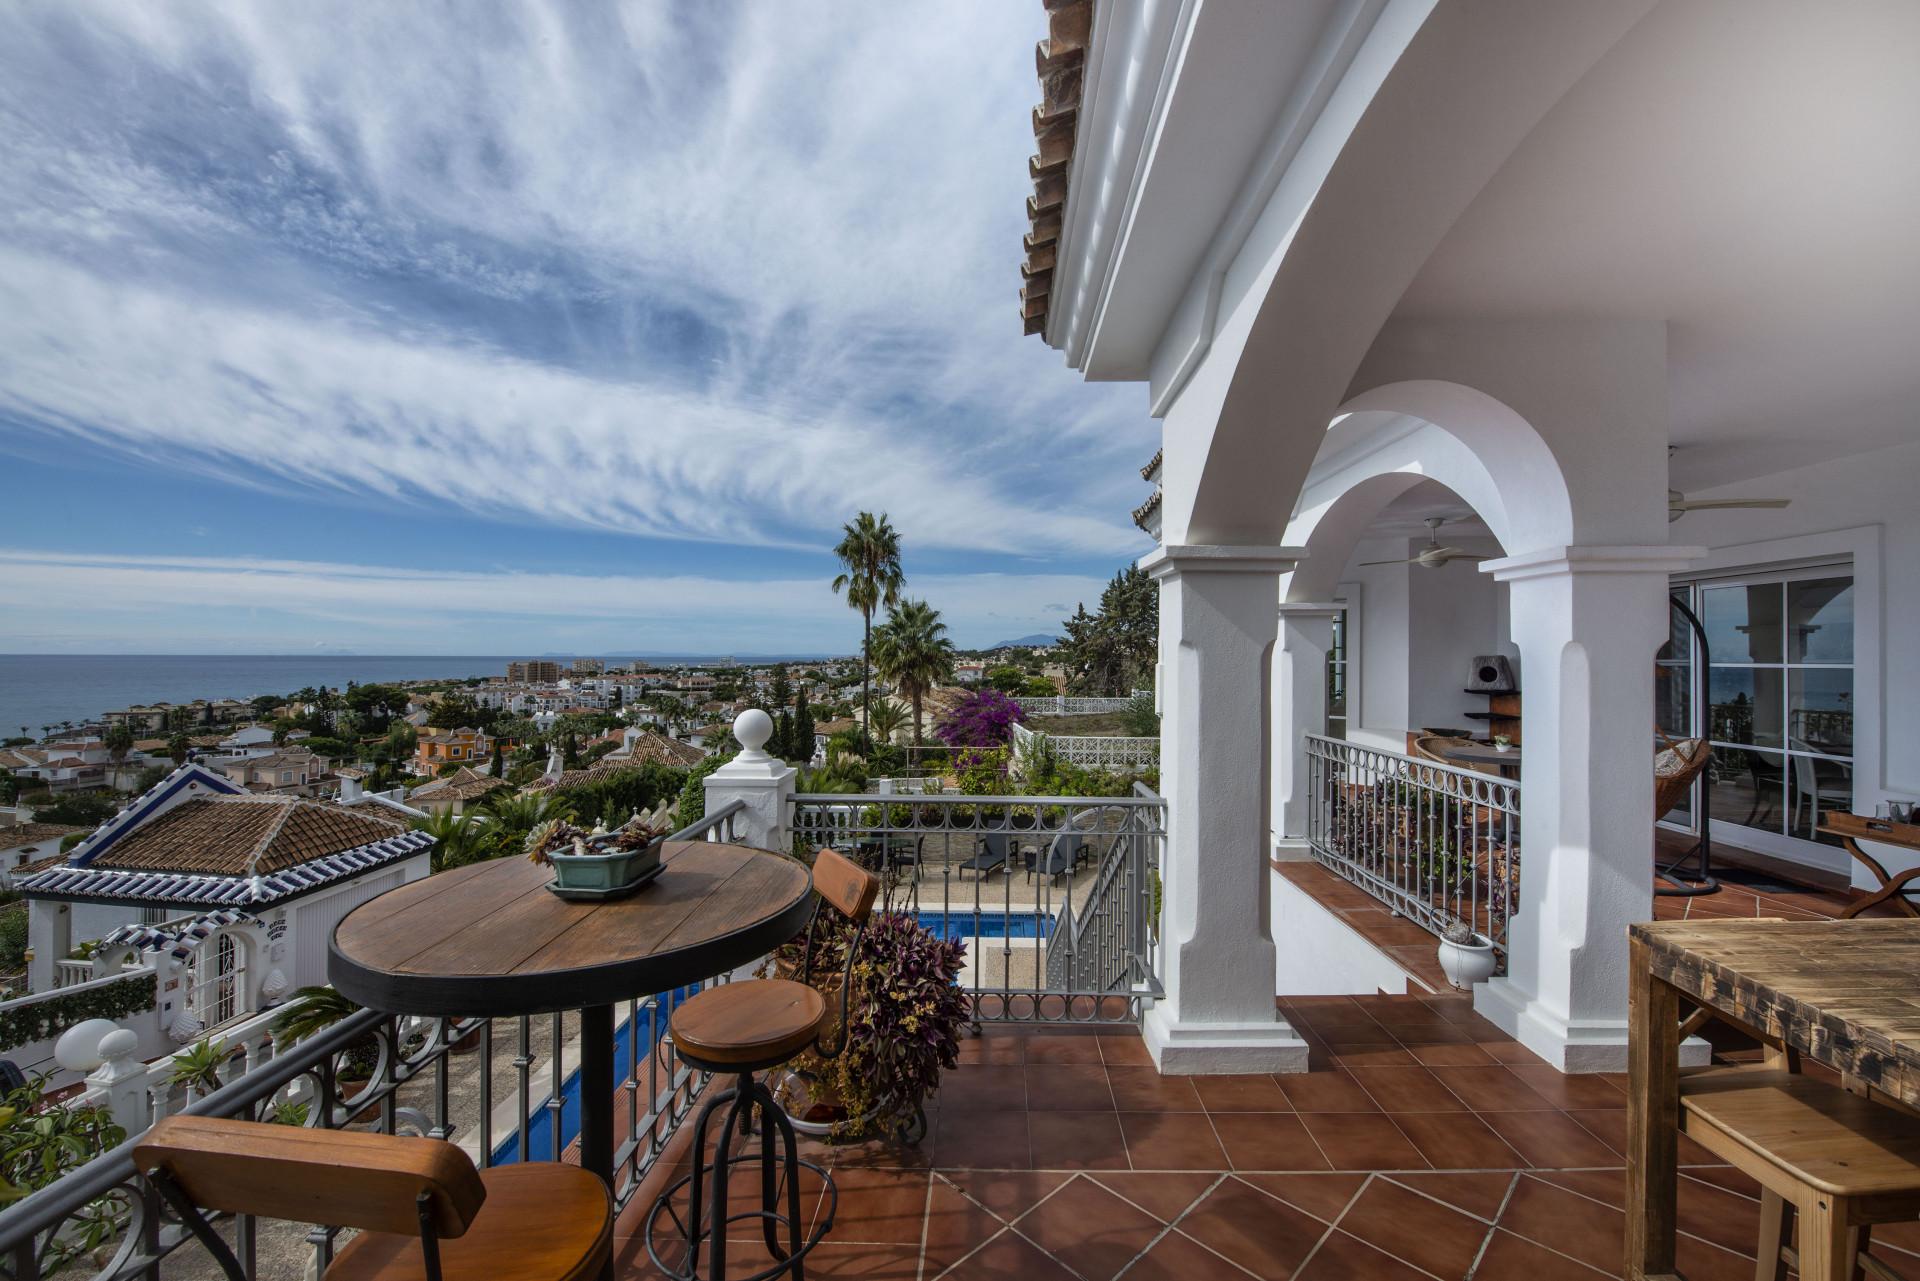 RESERVIERT - Andalusische Villa mit Panoramablick zum Verkauf in Riviera del Sol in Mijas